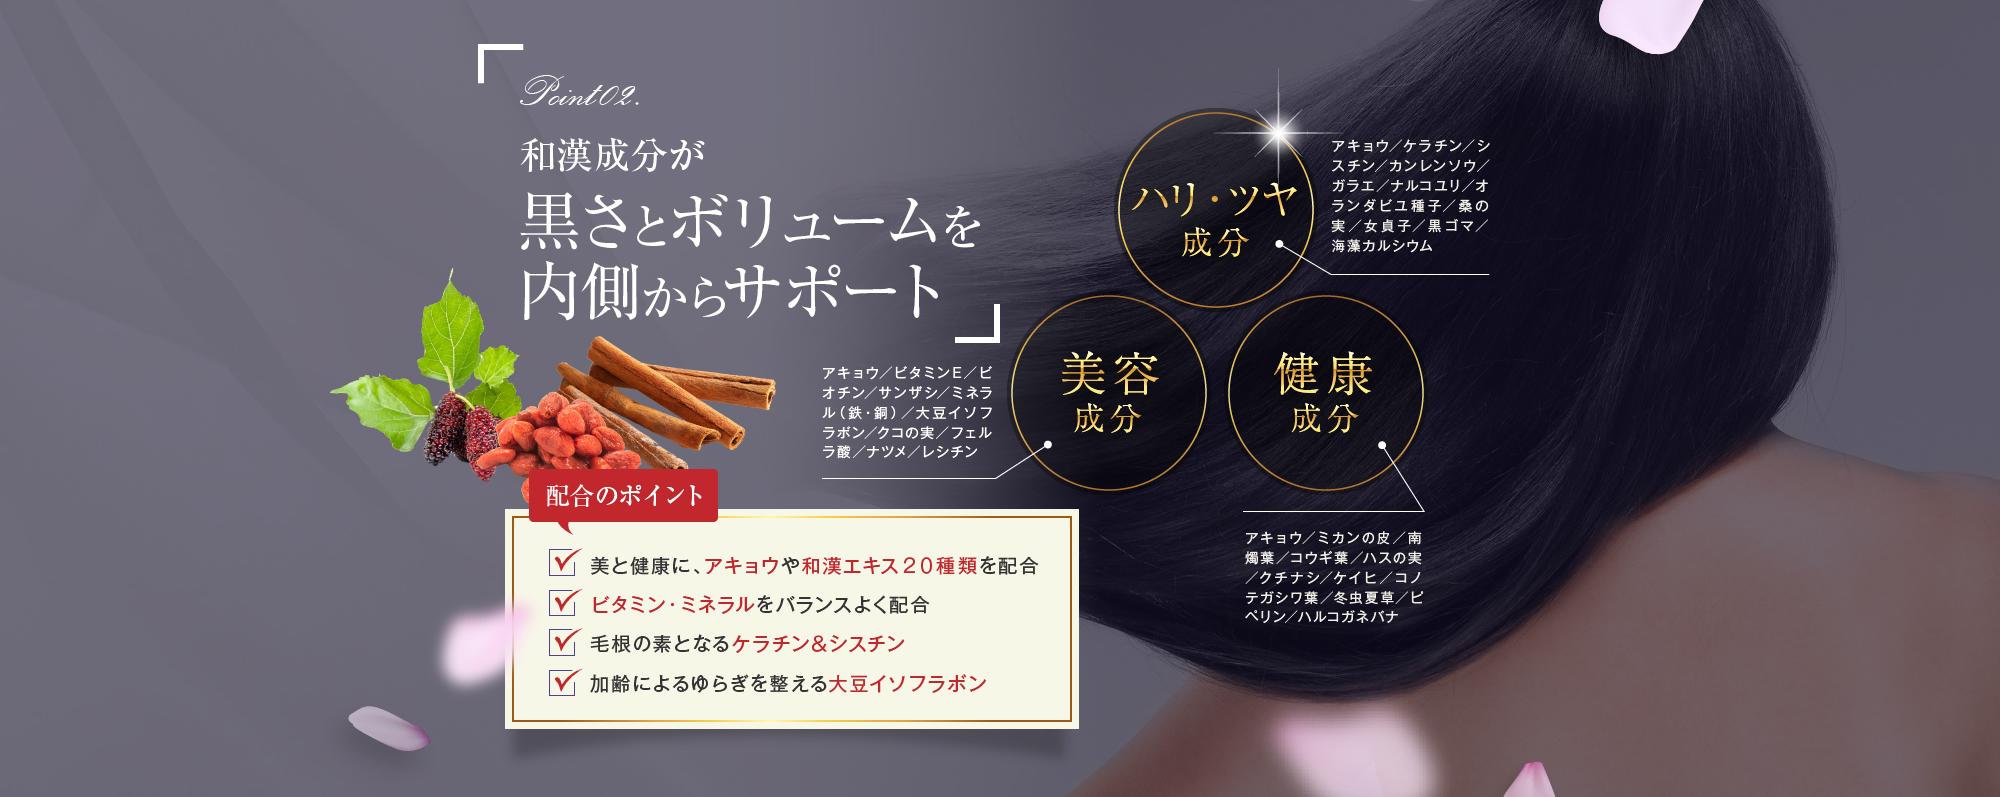 和漢成分が黒さとボリュームを内側からサポート